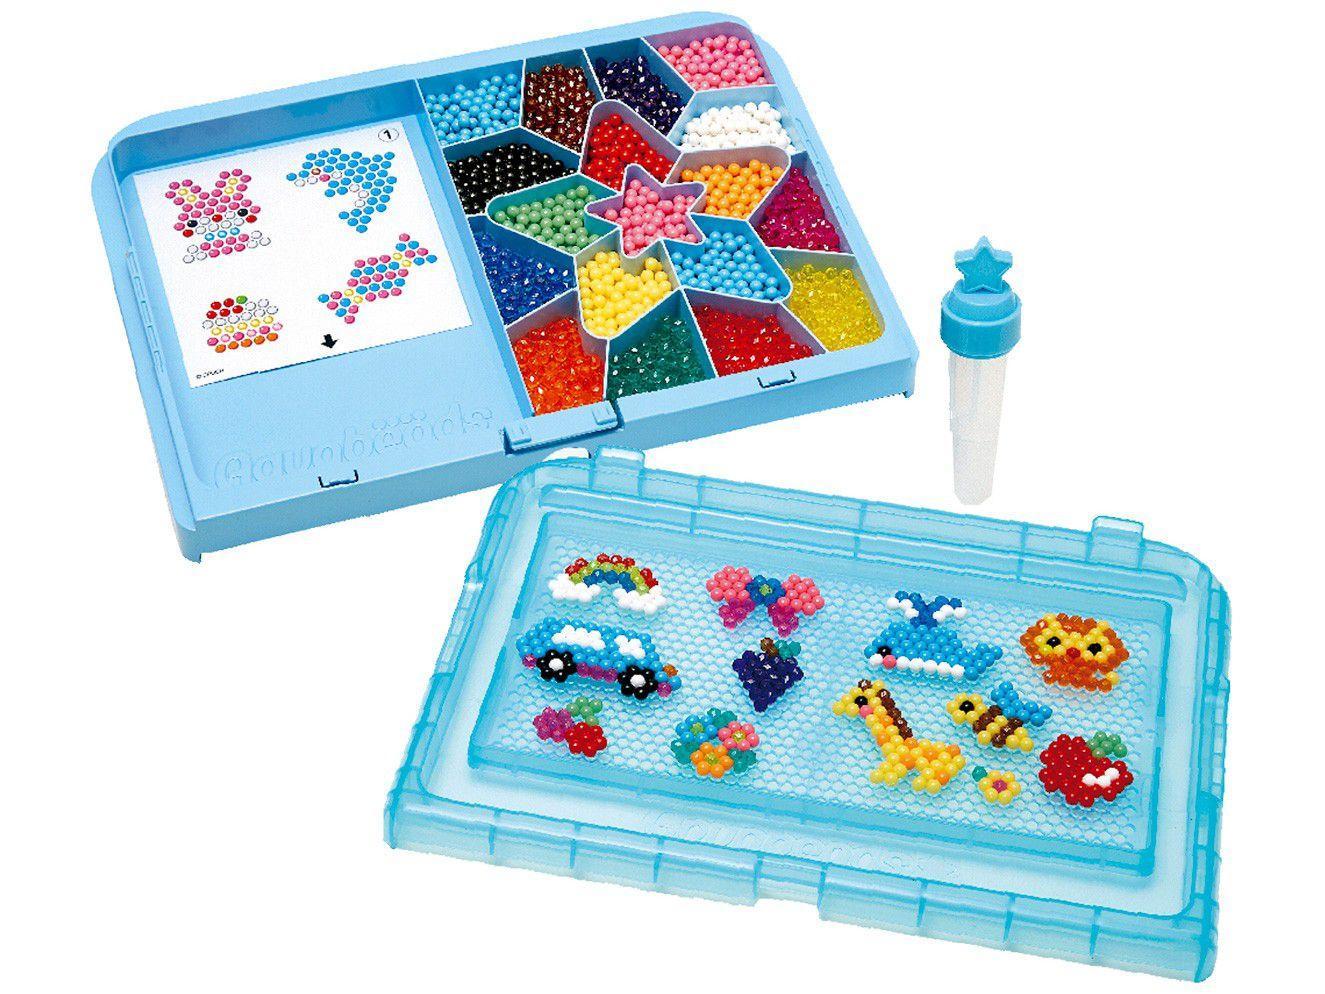 Conjunto de Artes Aquabeads Playset - Minhas Criações Favoritas